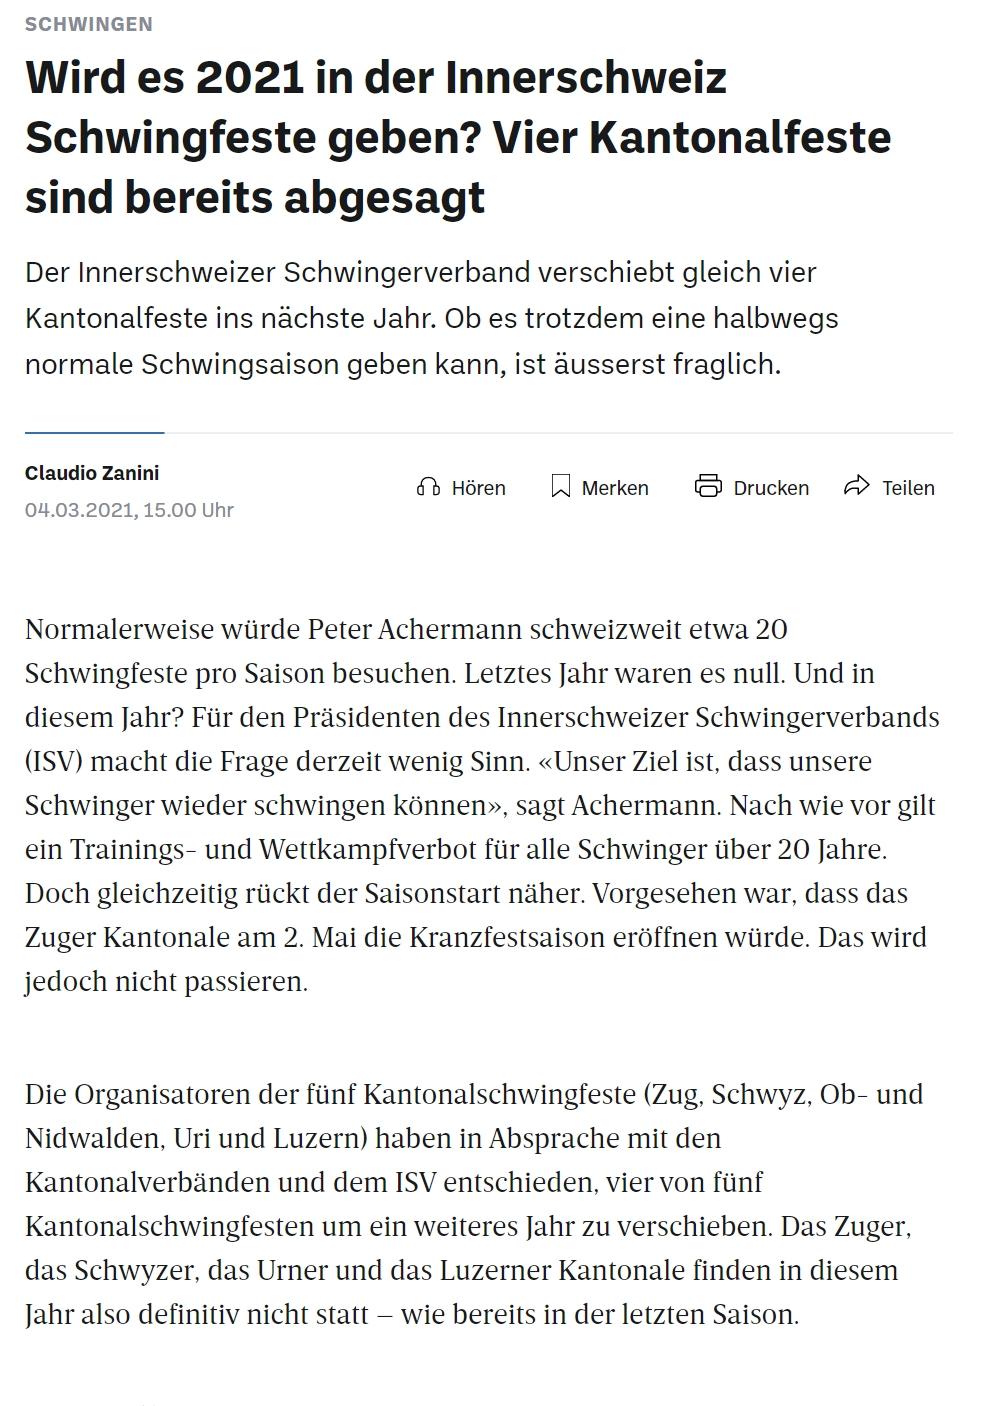 Schwingen_ Vier Innerschweizer Kantonale auf 2022 verschoben